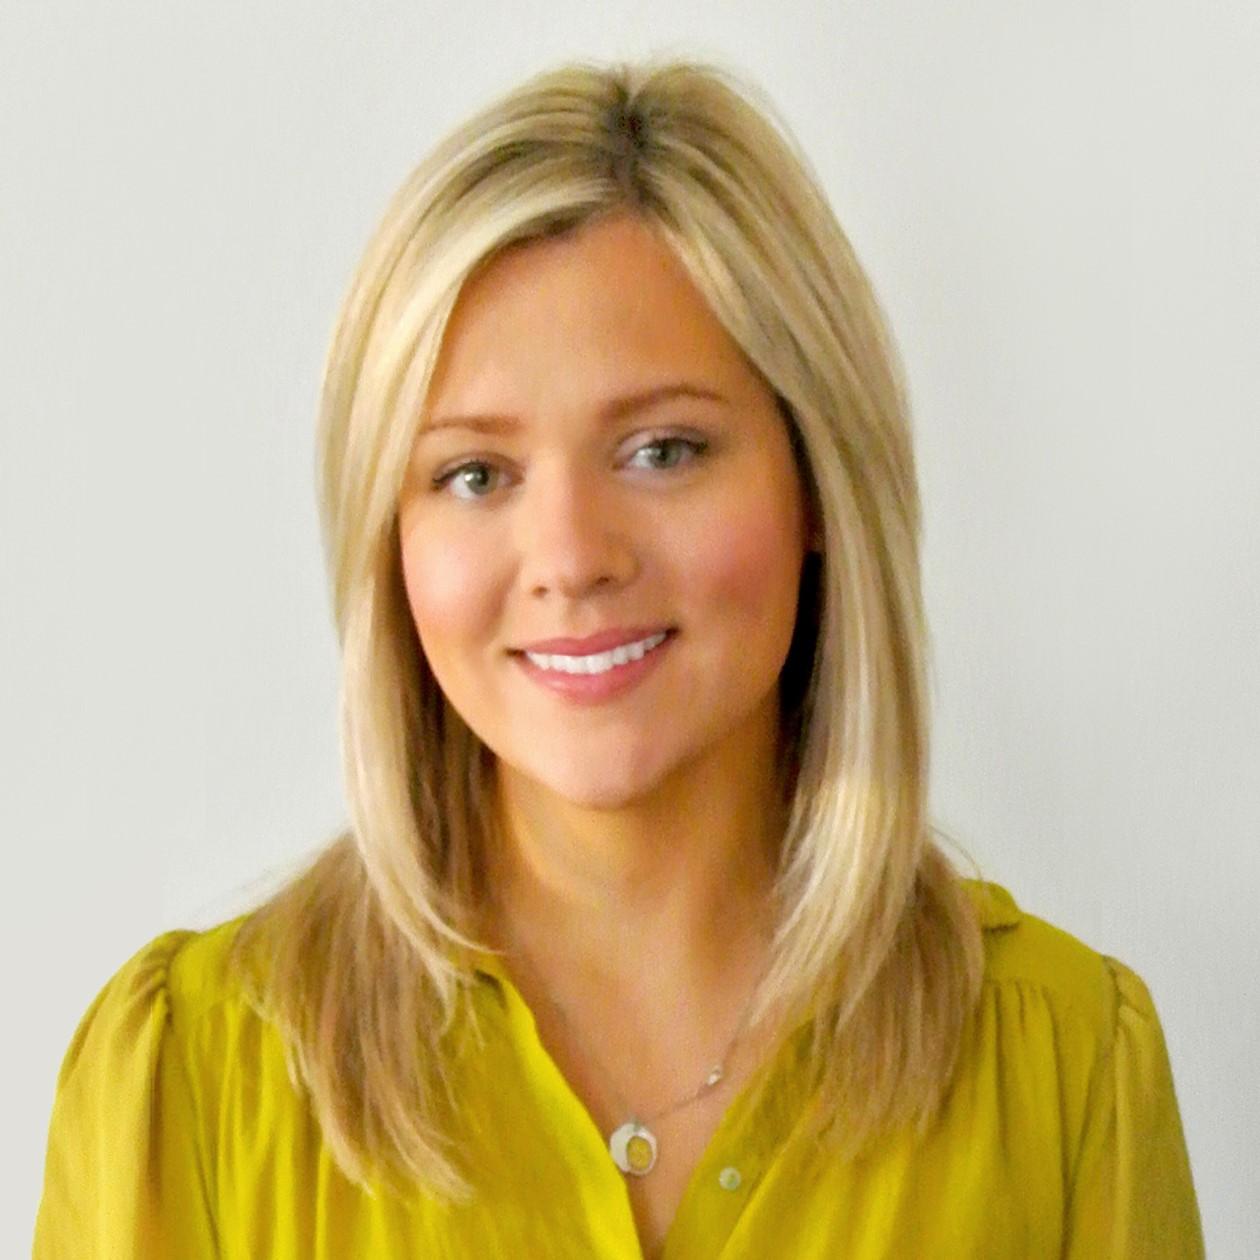 Claire Cordiner